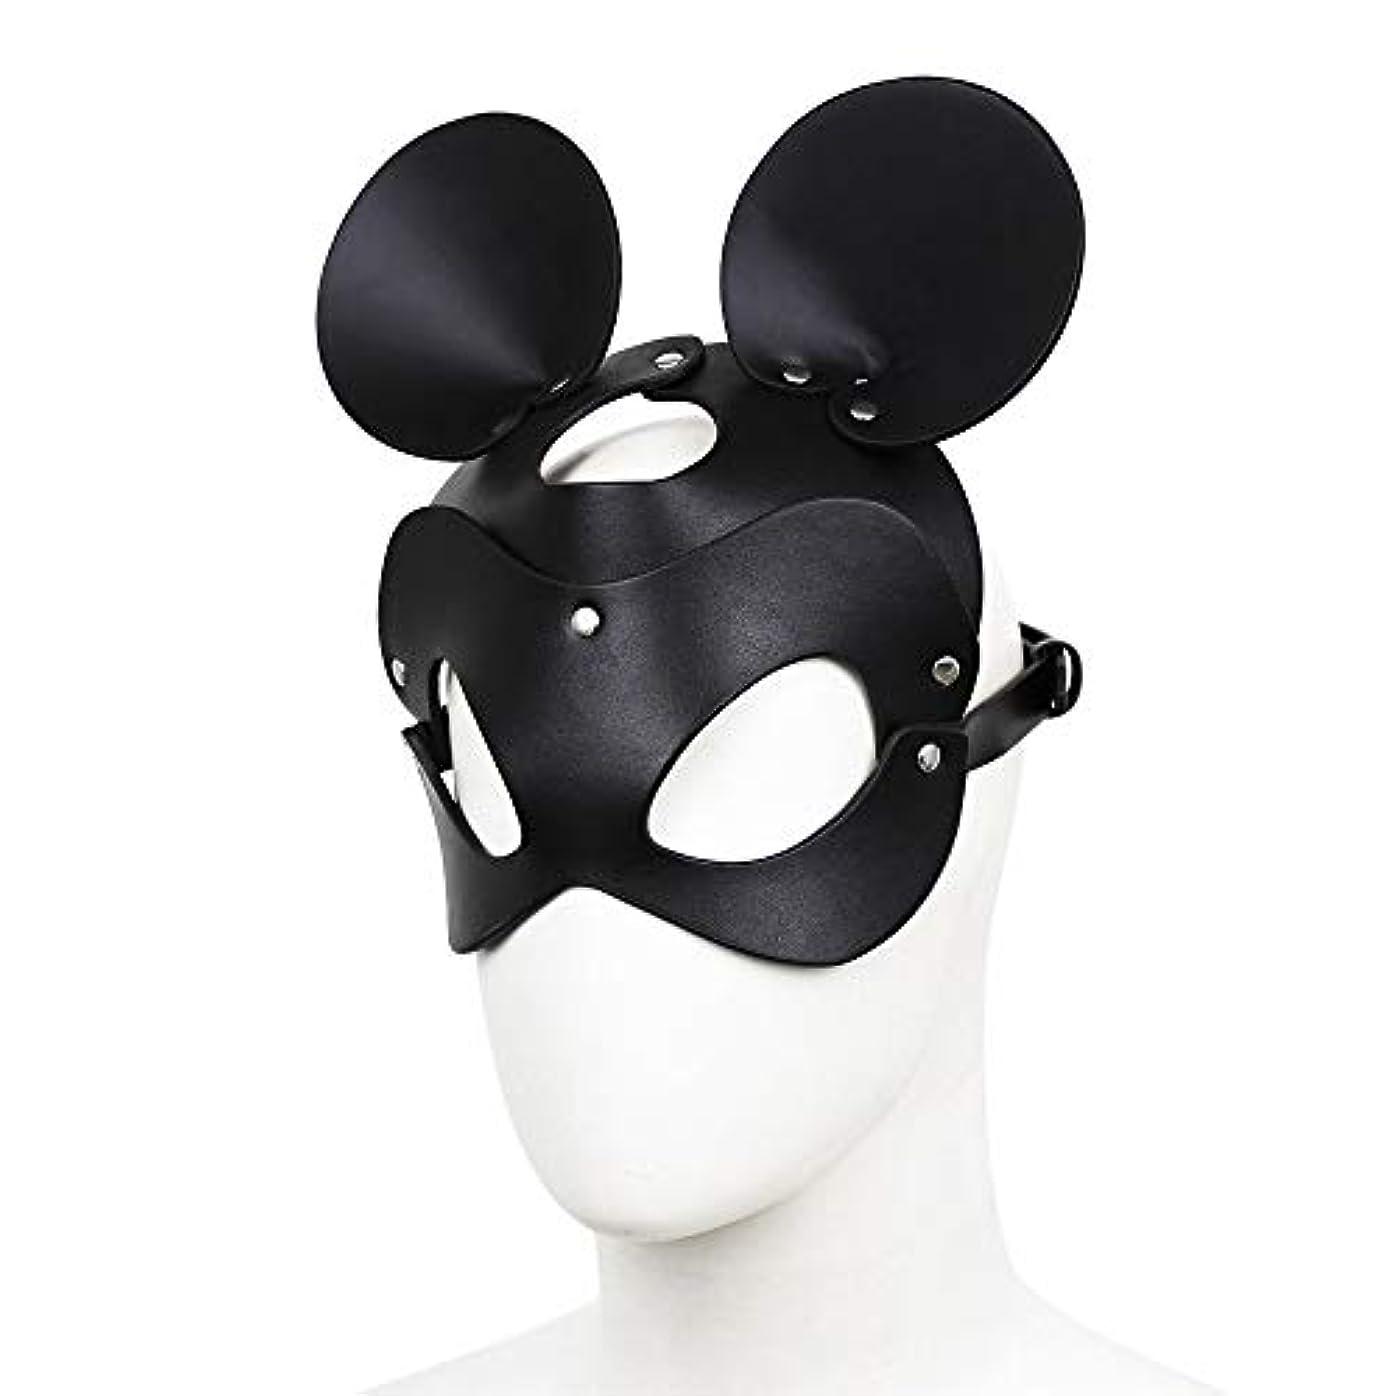 インデックスガイドライン汚いダンスマスク 男性と女性の大人のロールプレイングブラックレザーマスクラウンドロングイヤーナイトクラブマスク パーティーボールマスク (色 : ブラック, サイズ : 20x17cm)